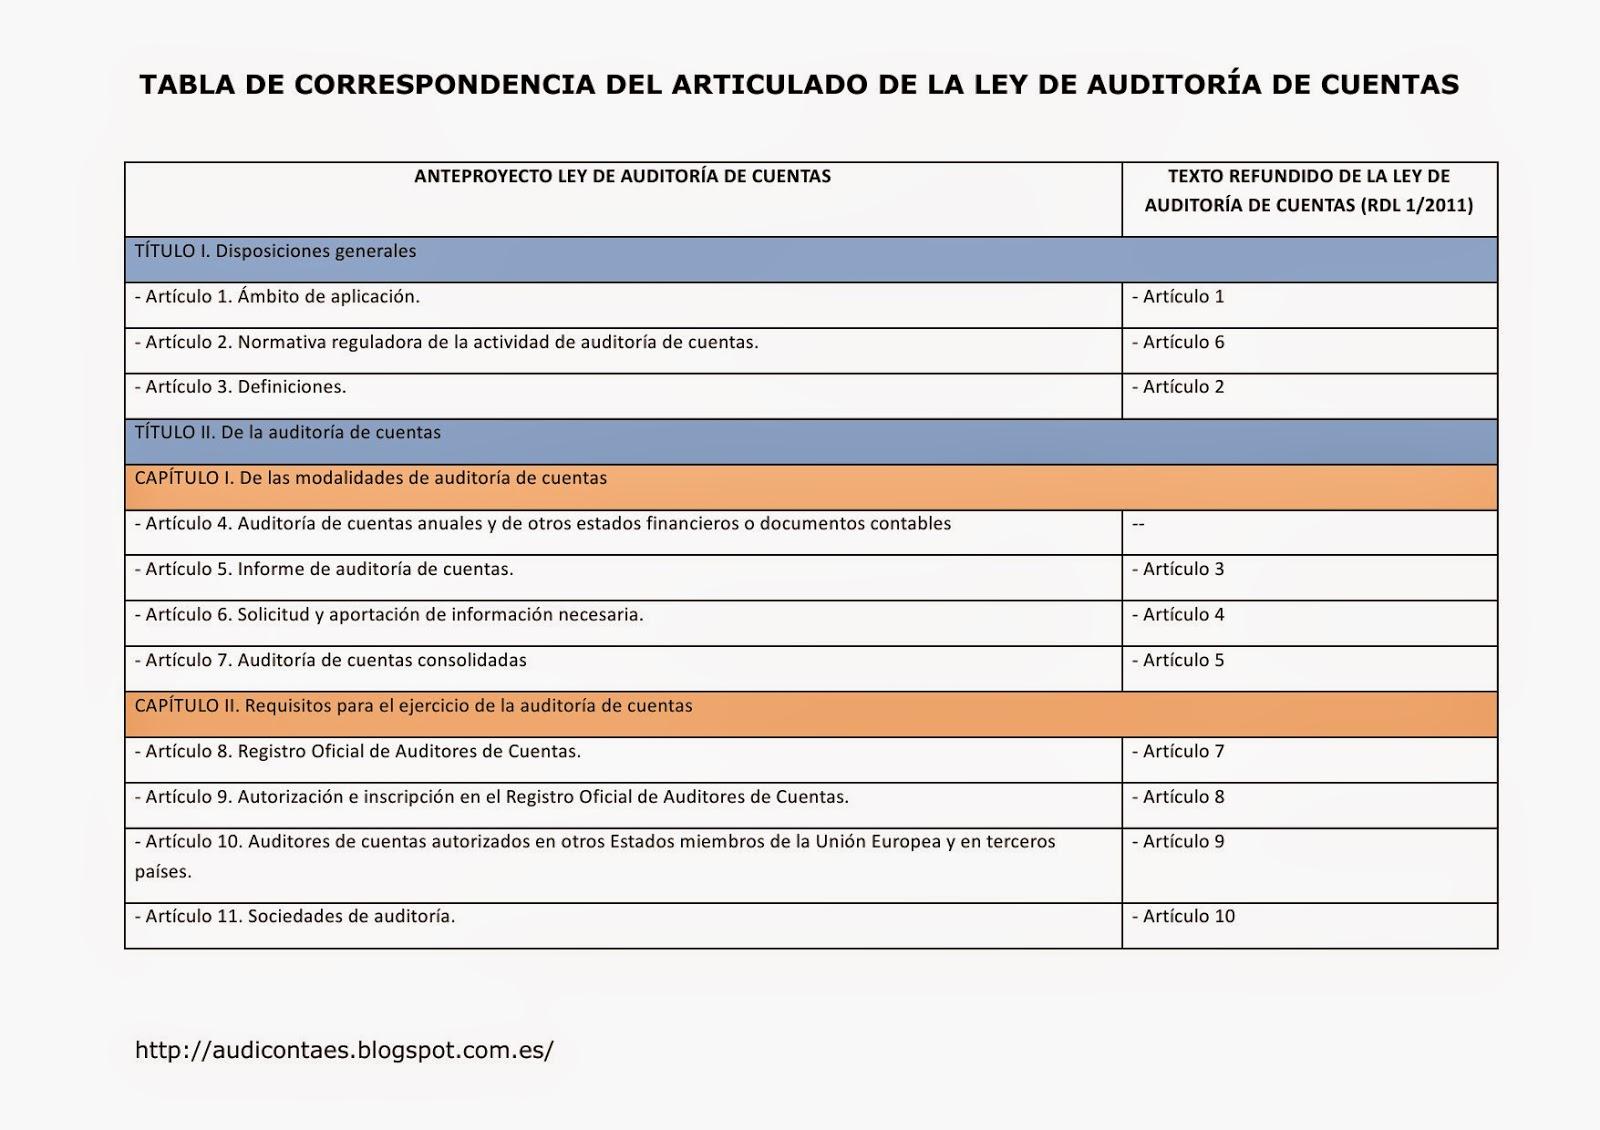 TABLA DE CORRESPONDENCIA ARTICULADO nueva LEY AUDITORÍA DE CUENTAS.